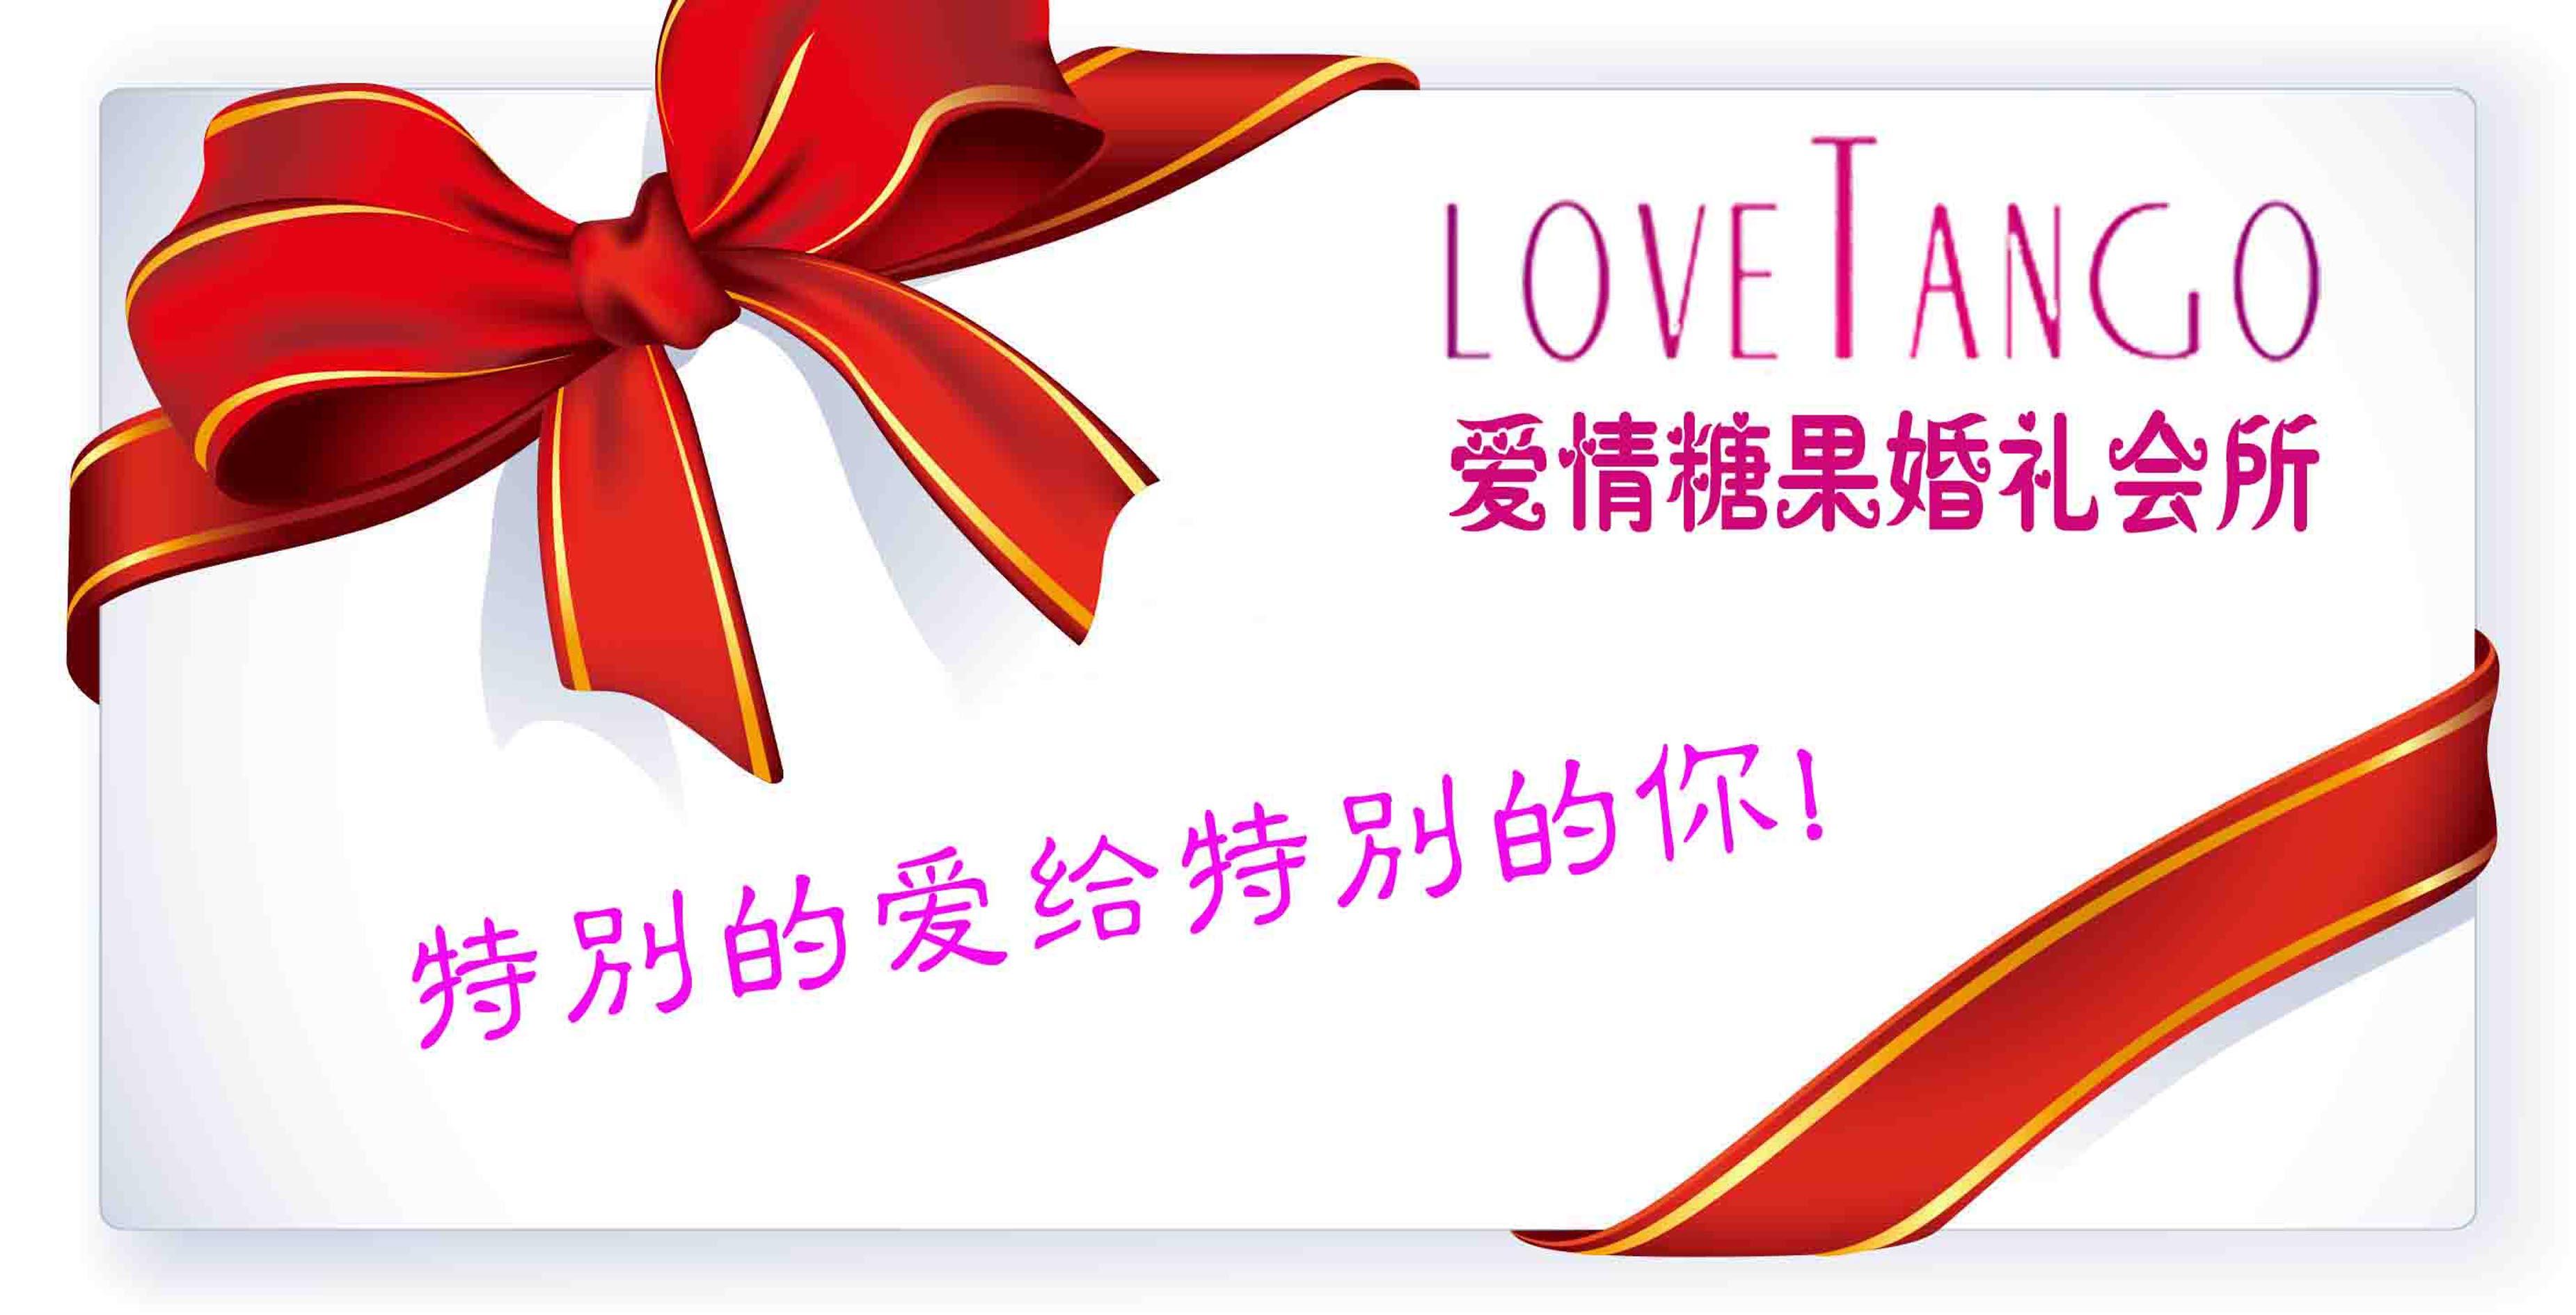 复古中国风婚礼_婚礼套餐_固始爱情糖果婚礼会所